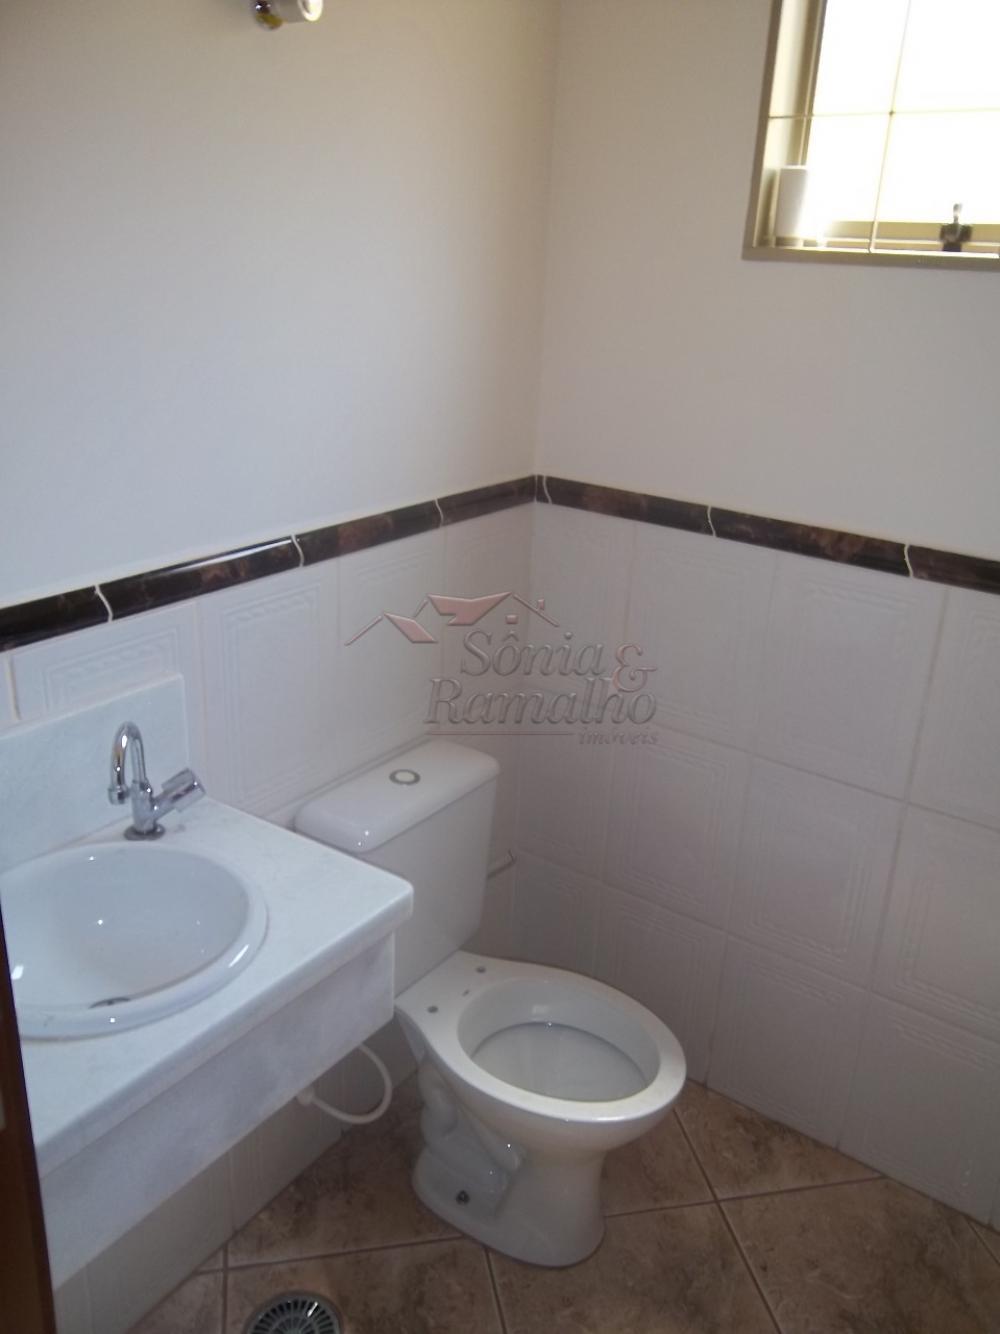 Alugar Casas / Sobrado em Ribeirão Preto apenas R$ 3.200,00 - Foto 16